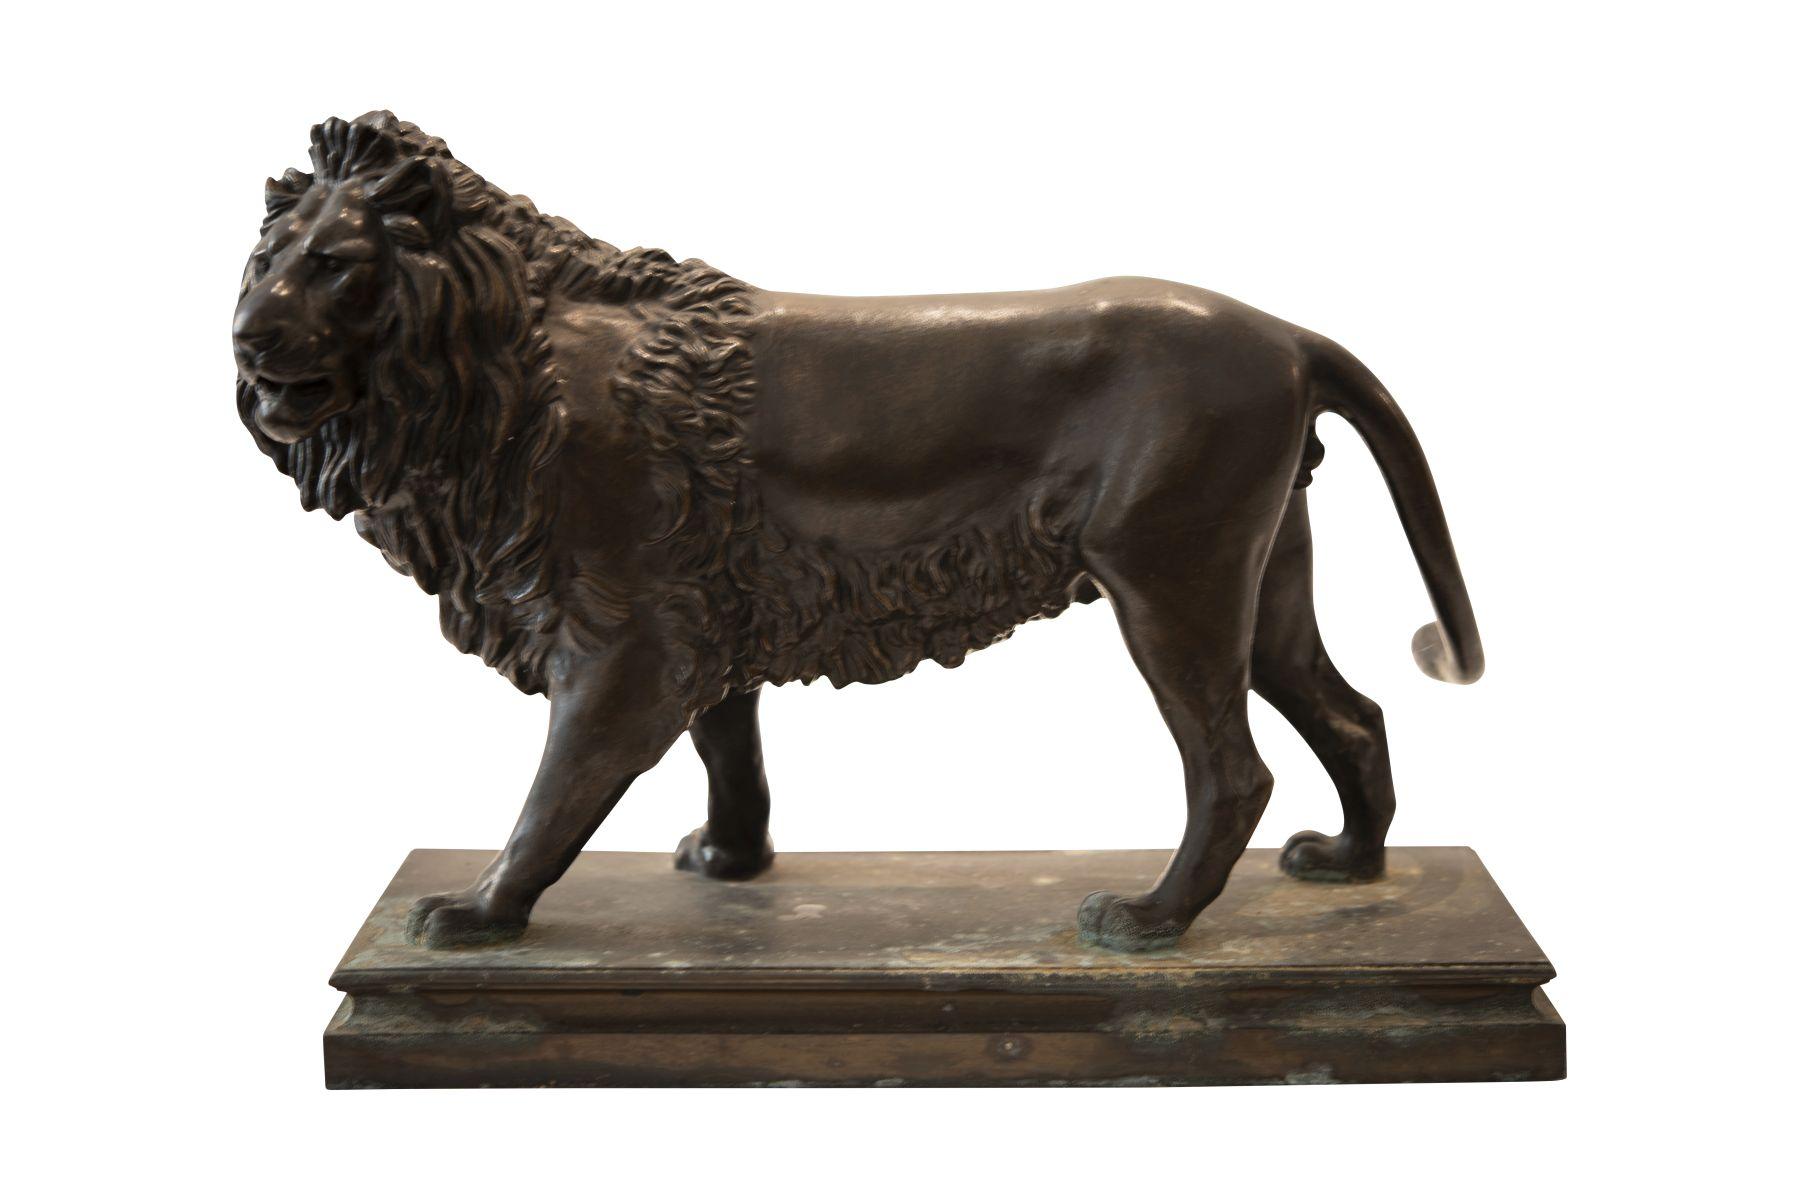 #204 Bronze Sculpture, Standing Lion | Bronzeskulptur, Stehender Löwe Image